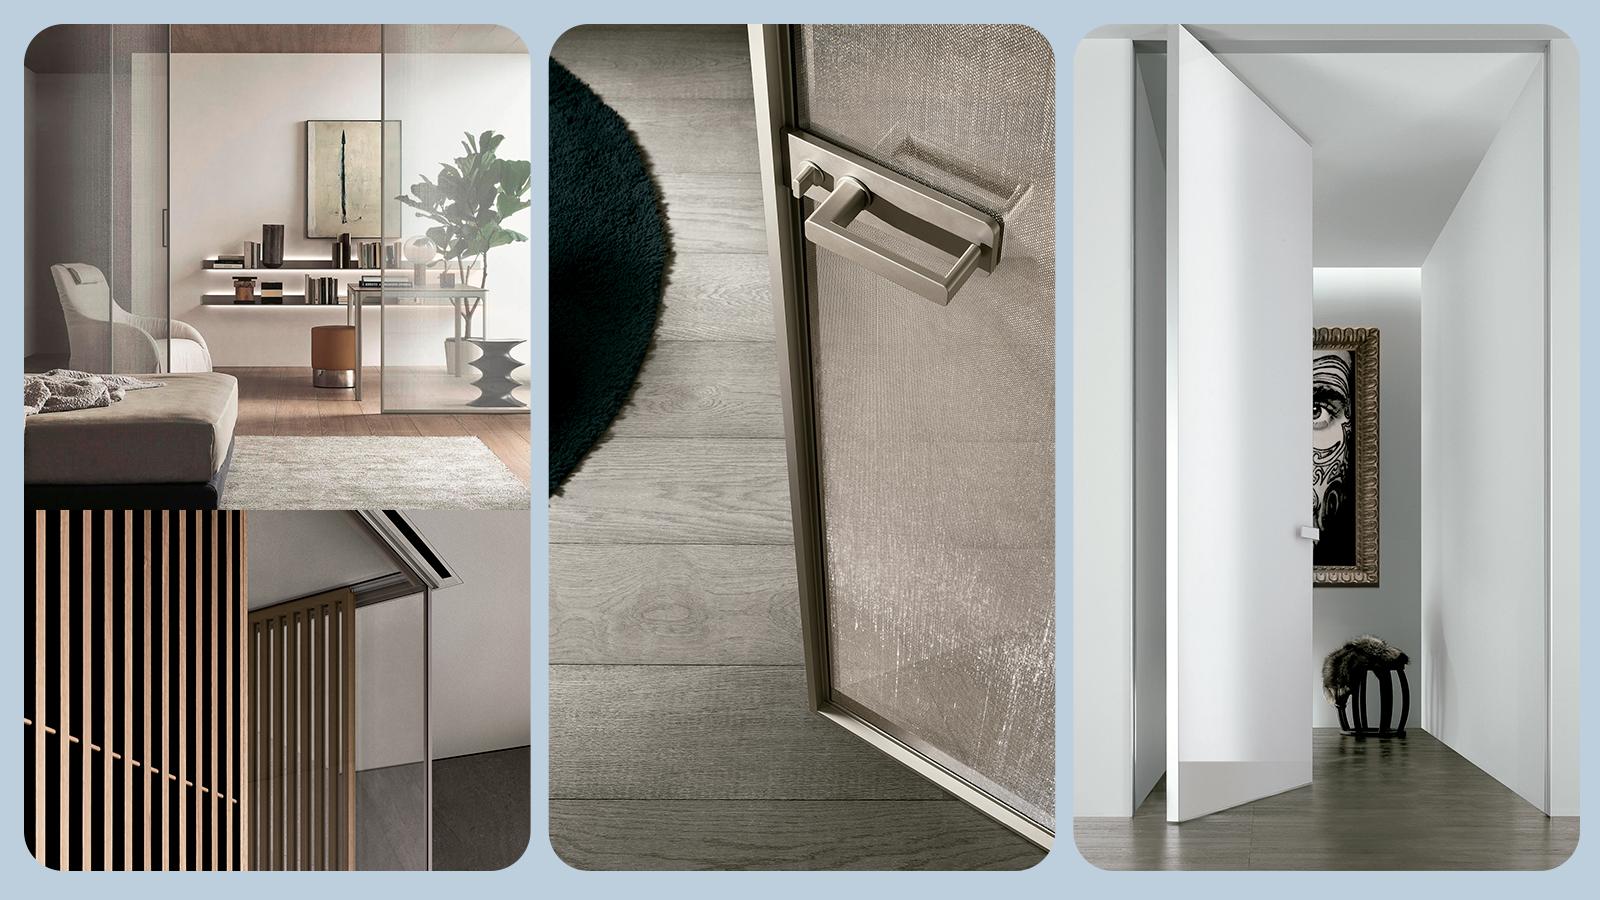 Estética y diseño logrados con puertas prefabricadas